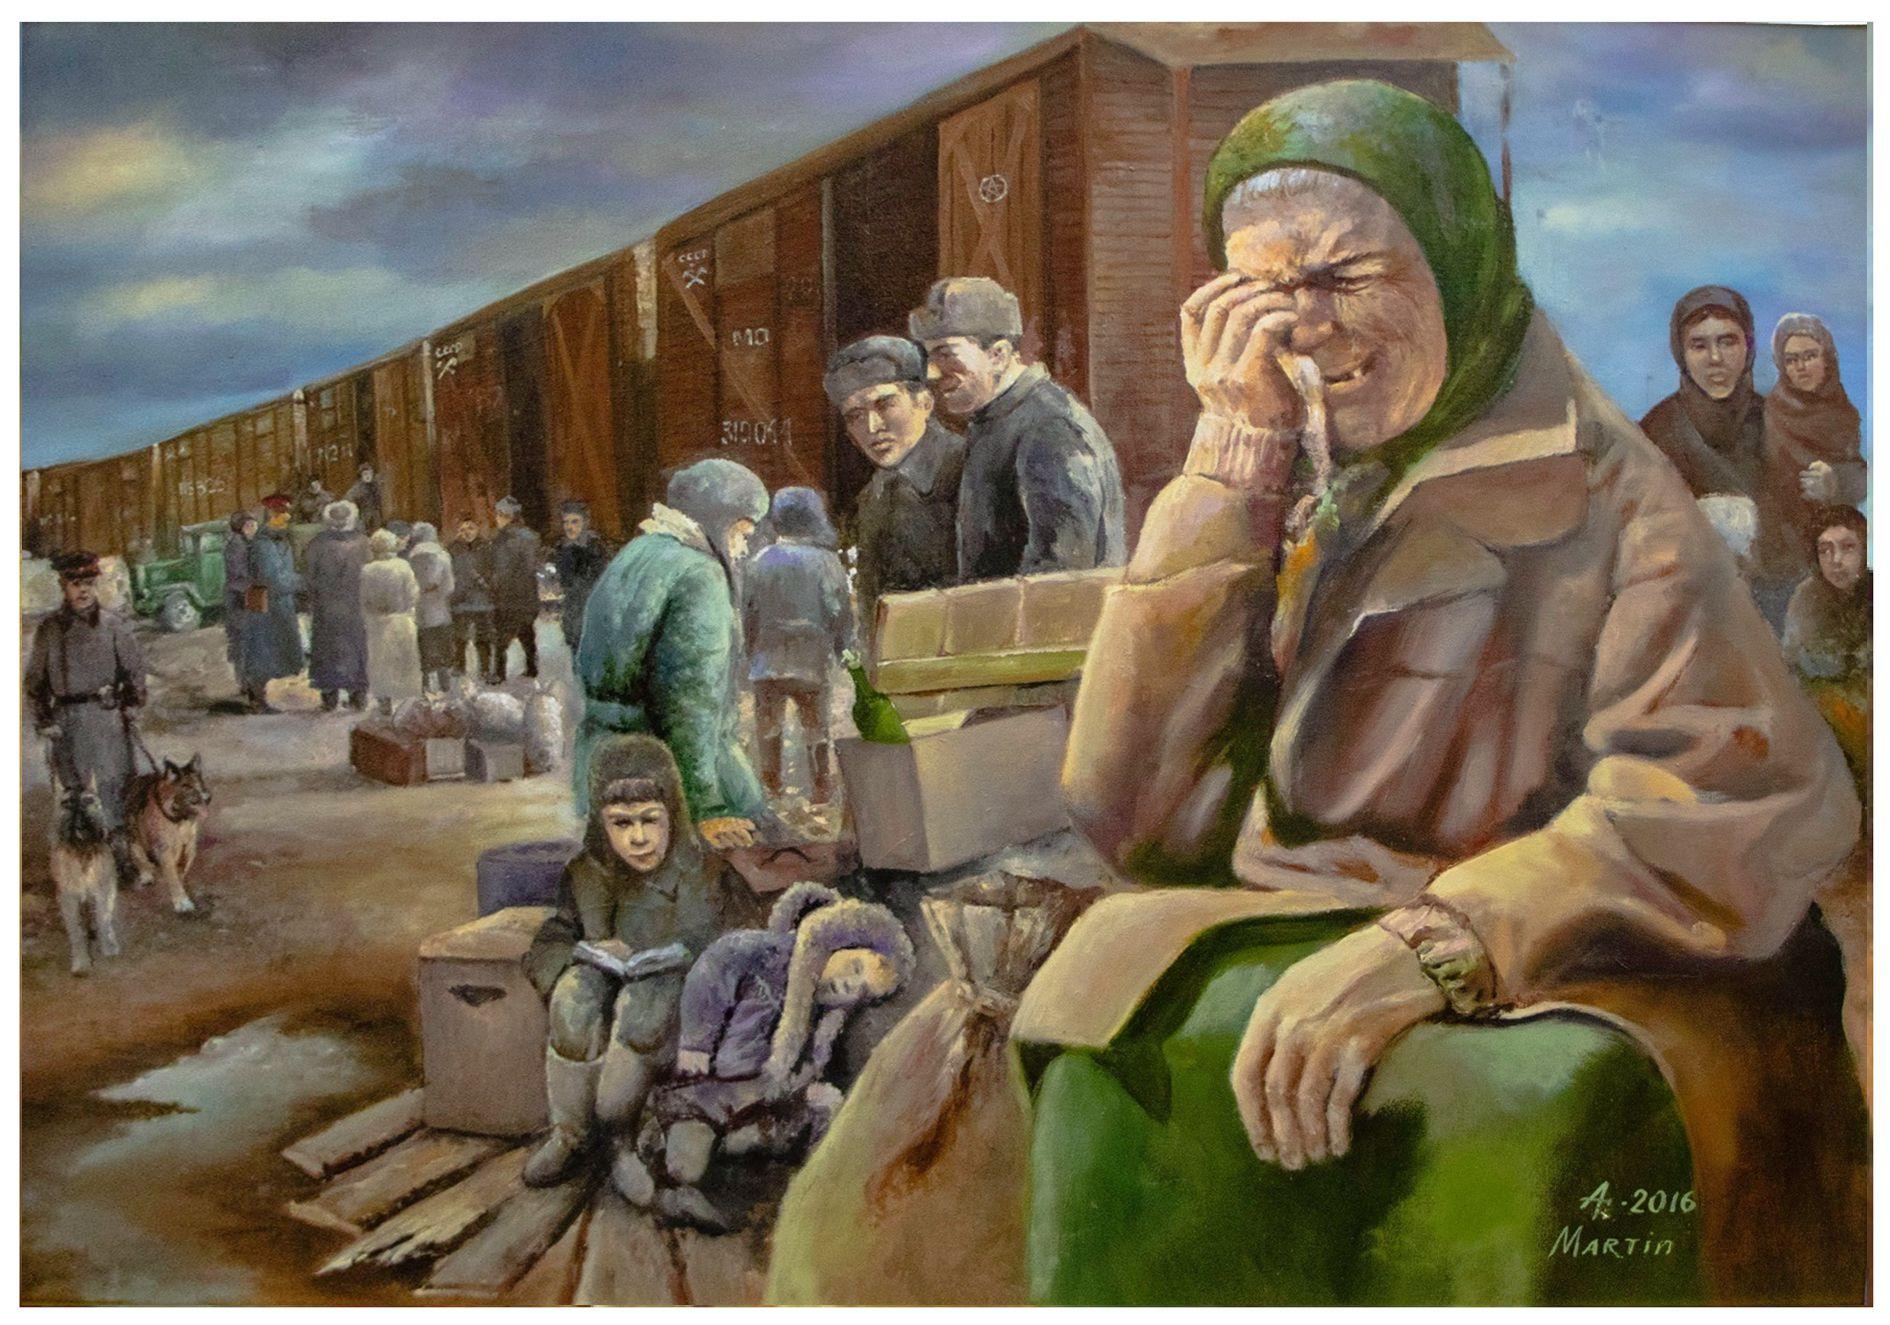 Сталінське «велике переселення народів» — злочин радянського режиму